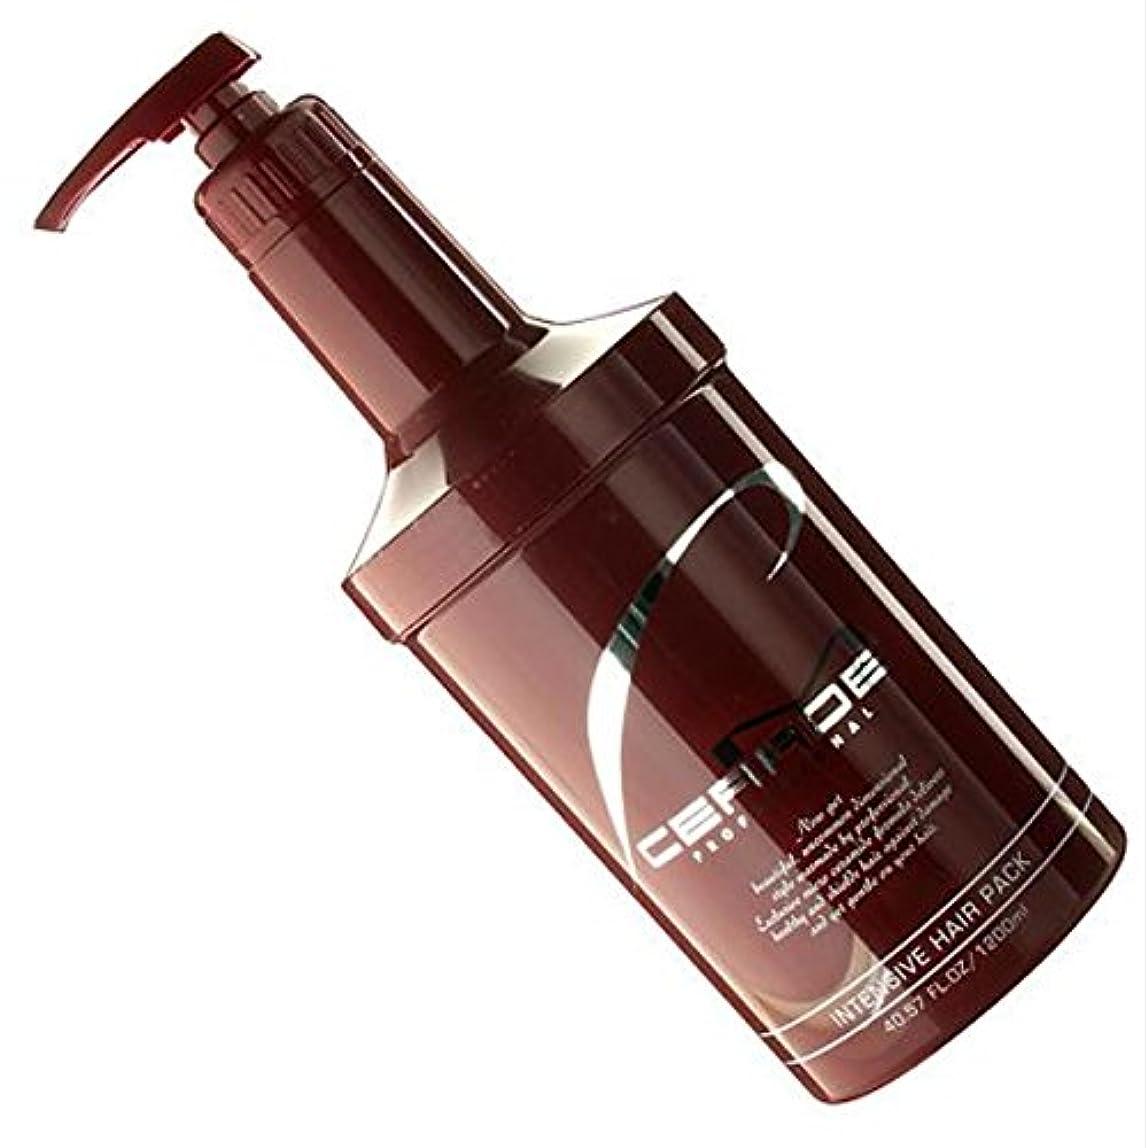 ジーンズ常習的予約【韓国コスメ】[Somang/希望]Somang Mcerade Intensive Hair Pack 1200ml/希望エムセロッド集中ヘアパック(海外直送品)